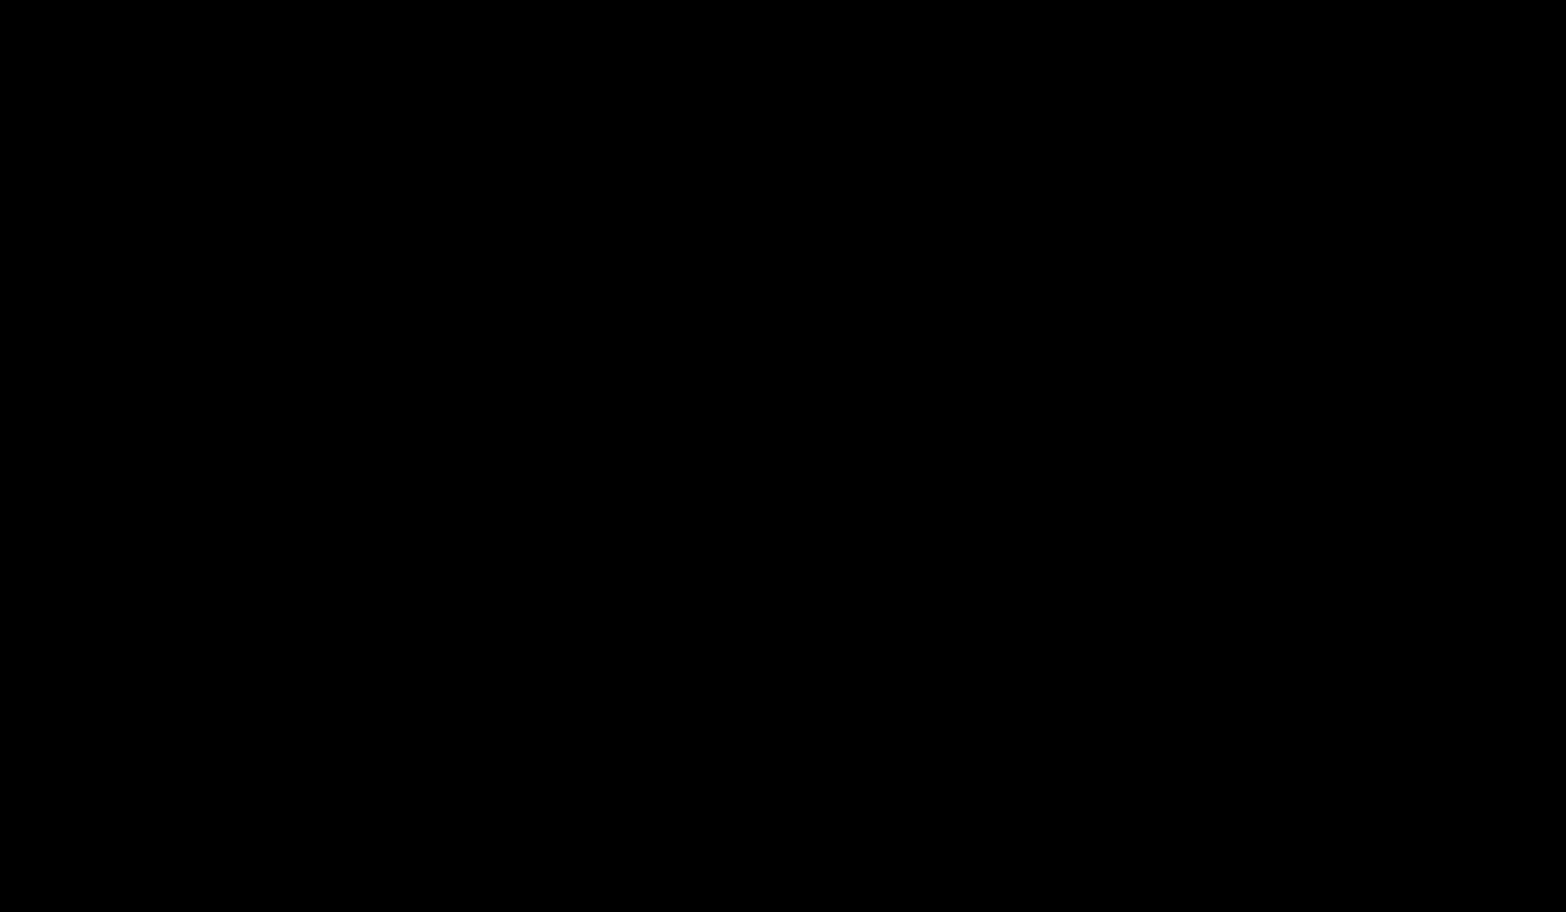 01.10.2017 – Karibische Nacht im Norddeutschen Oktober